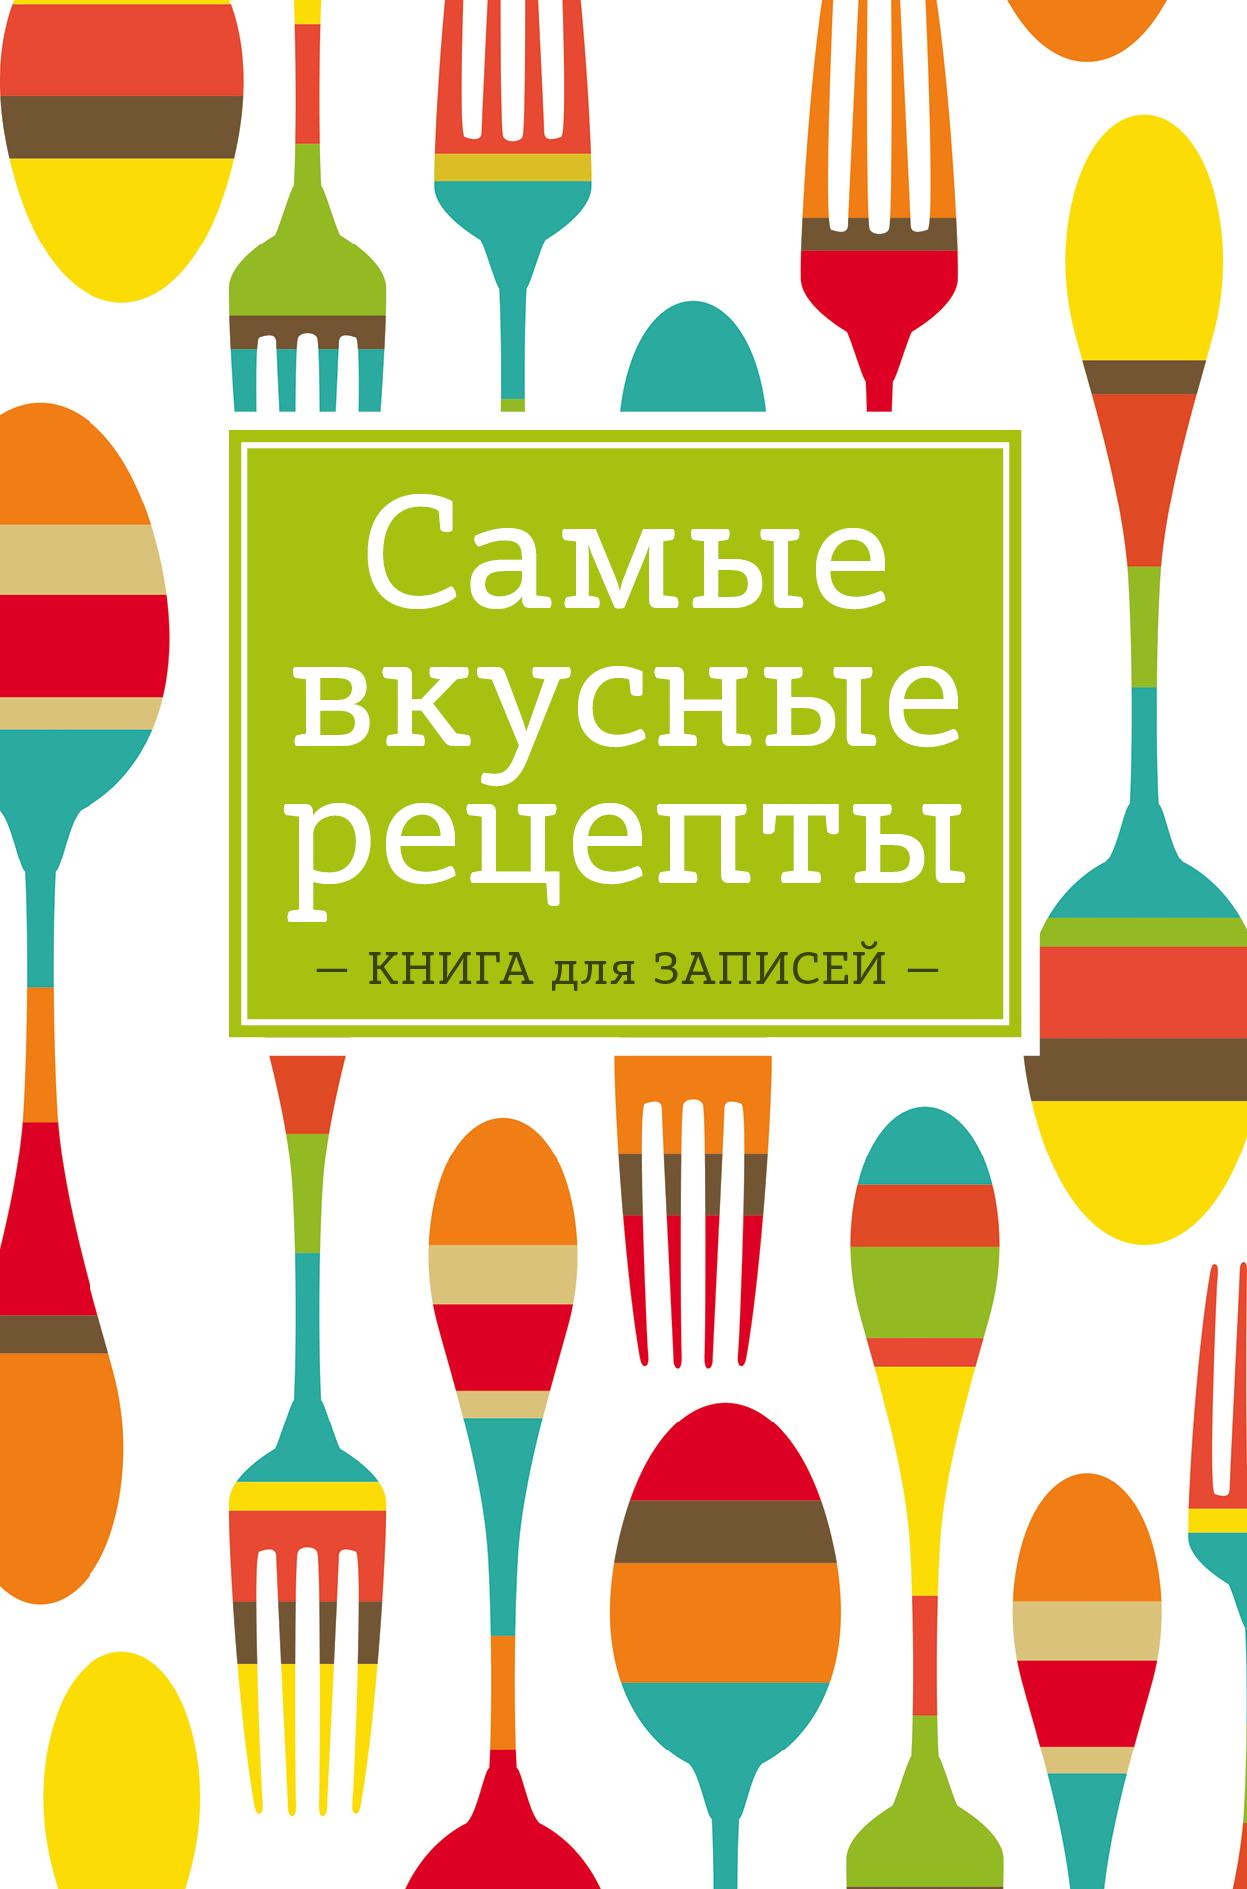 Самые вкусные рецепты. Книга для записей юлия высоцкая вкусные заметки книга для записи рецептов